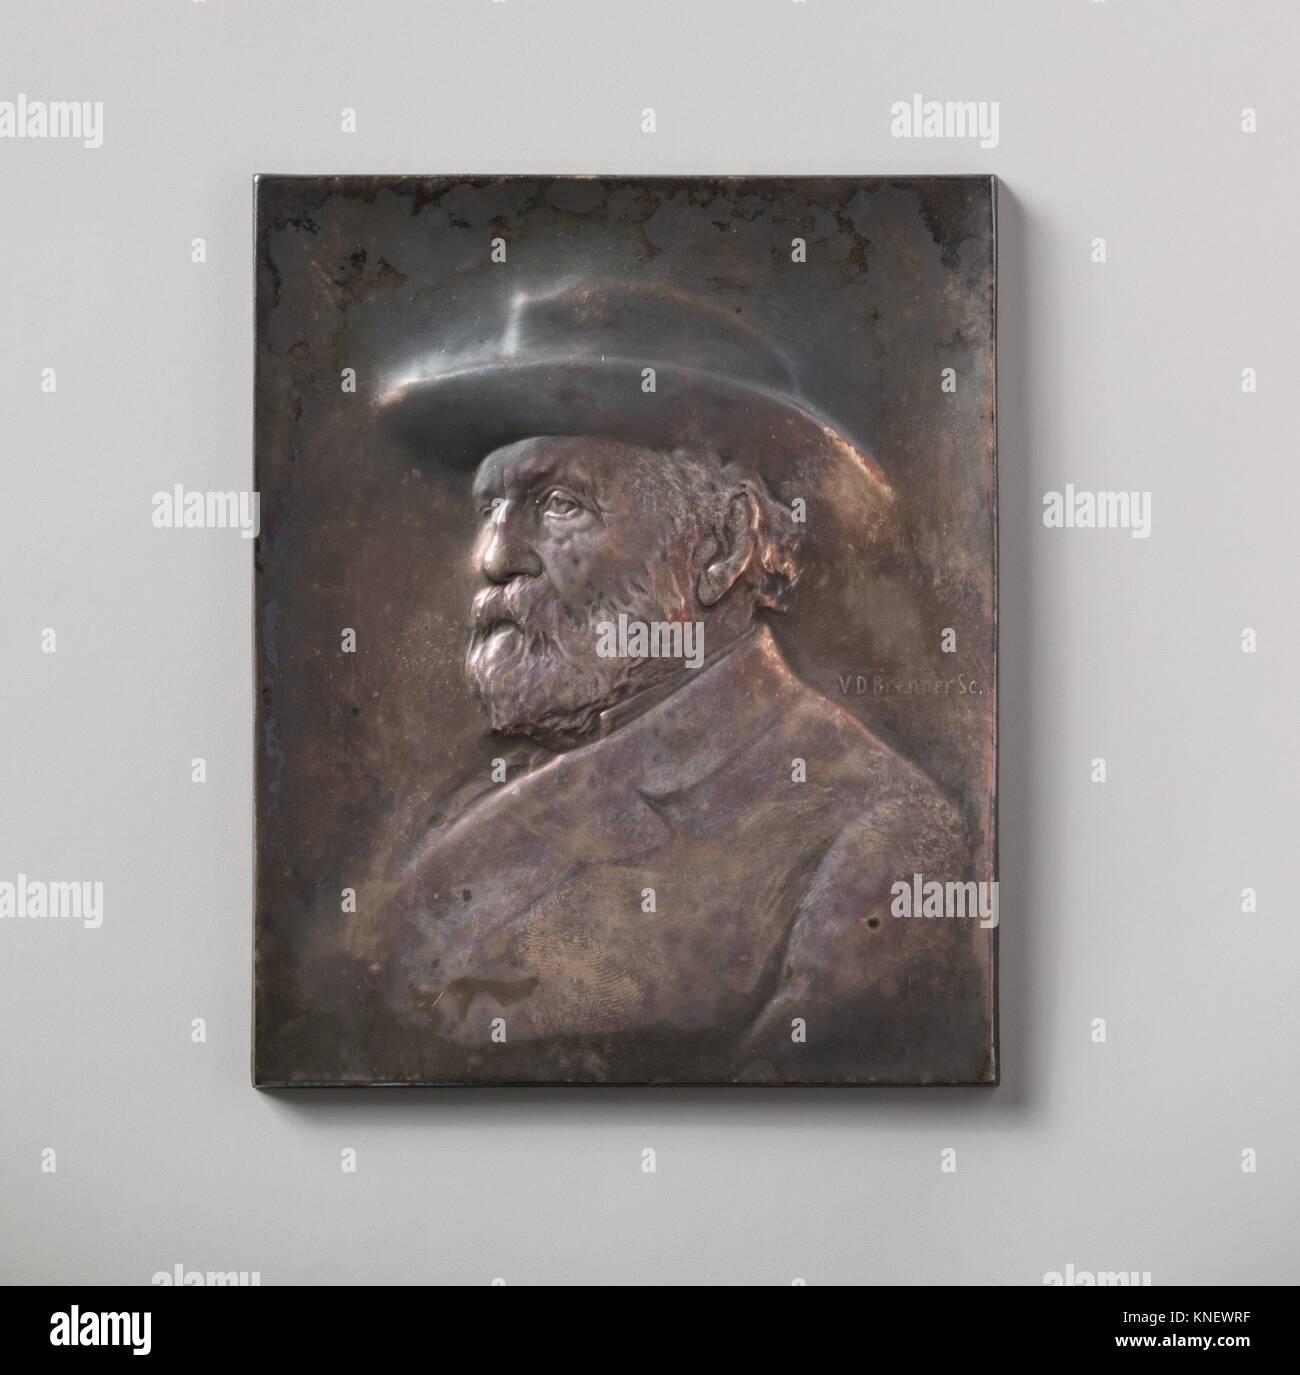 Collis P. Huntington. Artista: Victor David Brenner (American (nacido en Kaunas, Lituania), Nueva York, 1871-1924); Fecha: 1904; media: Galvano y plata; Foto de stock